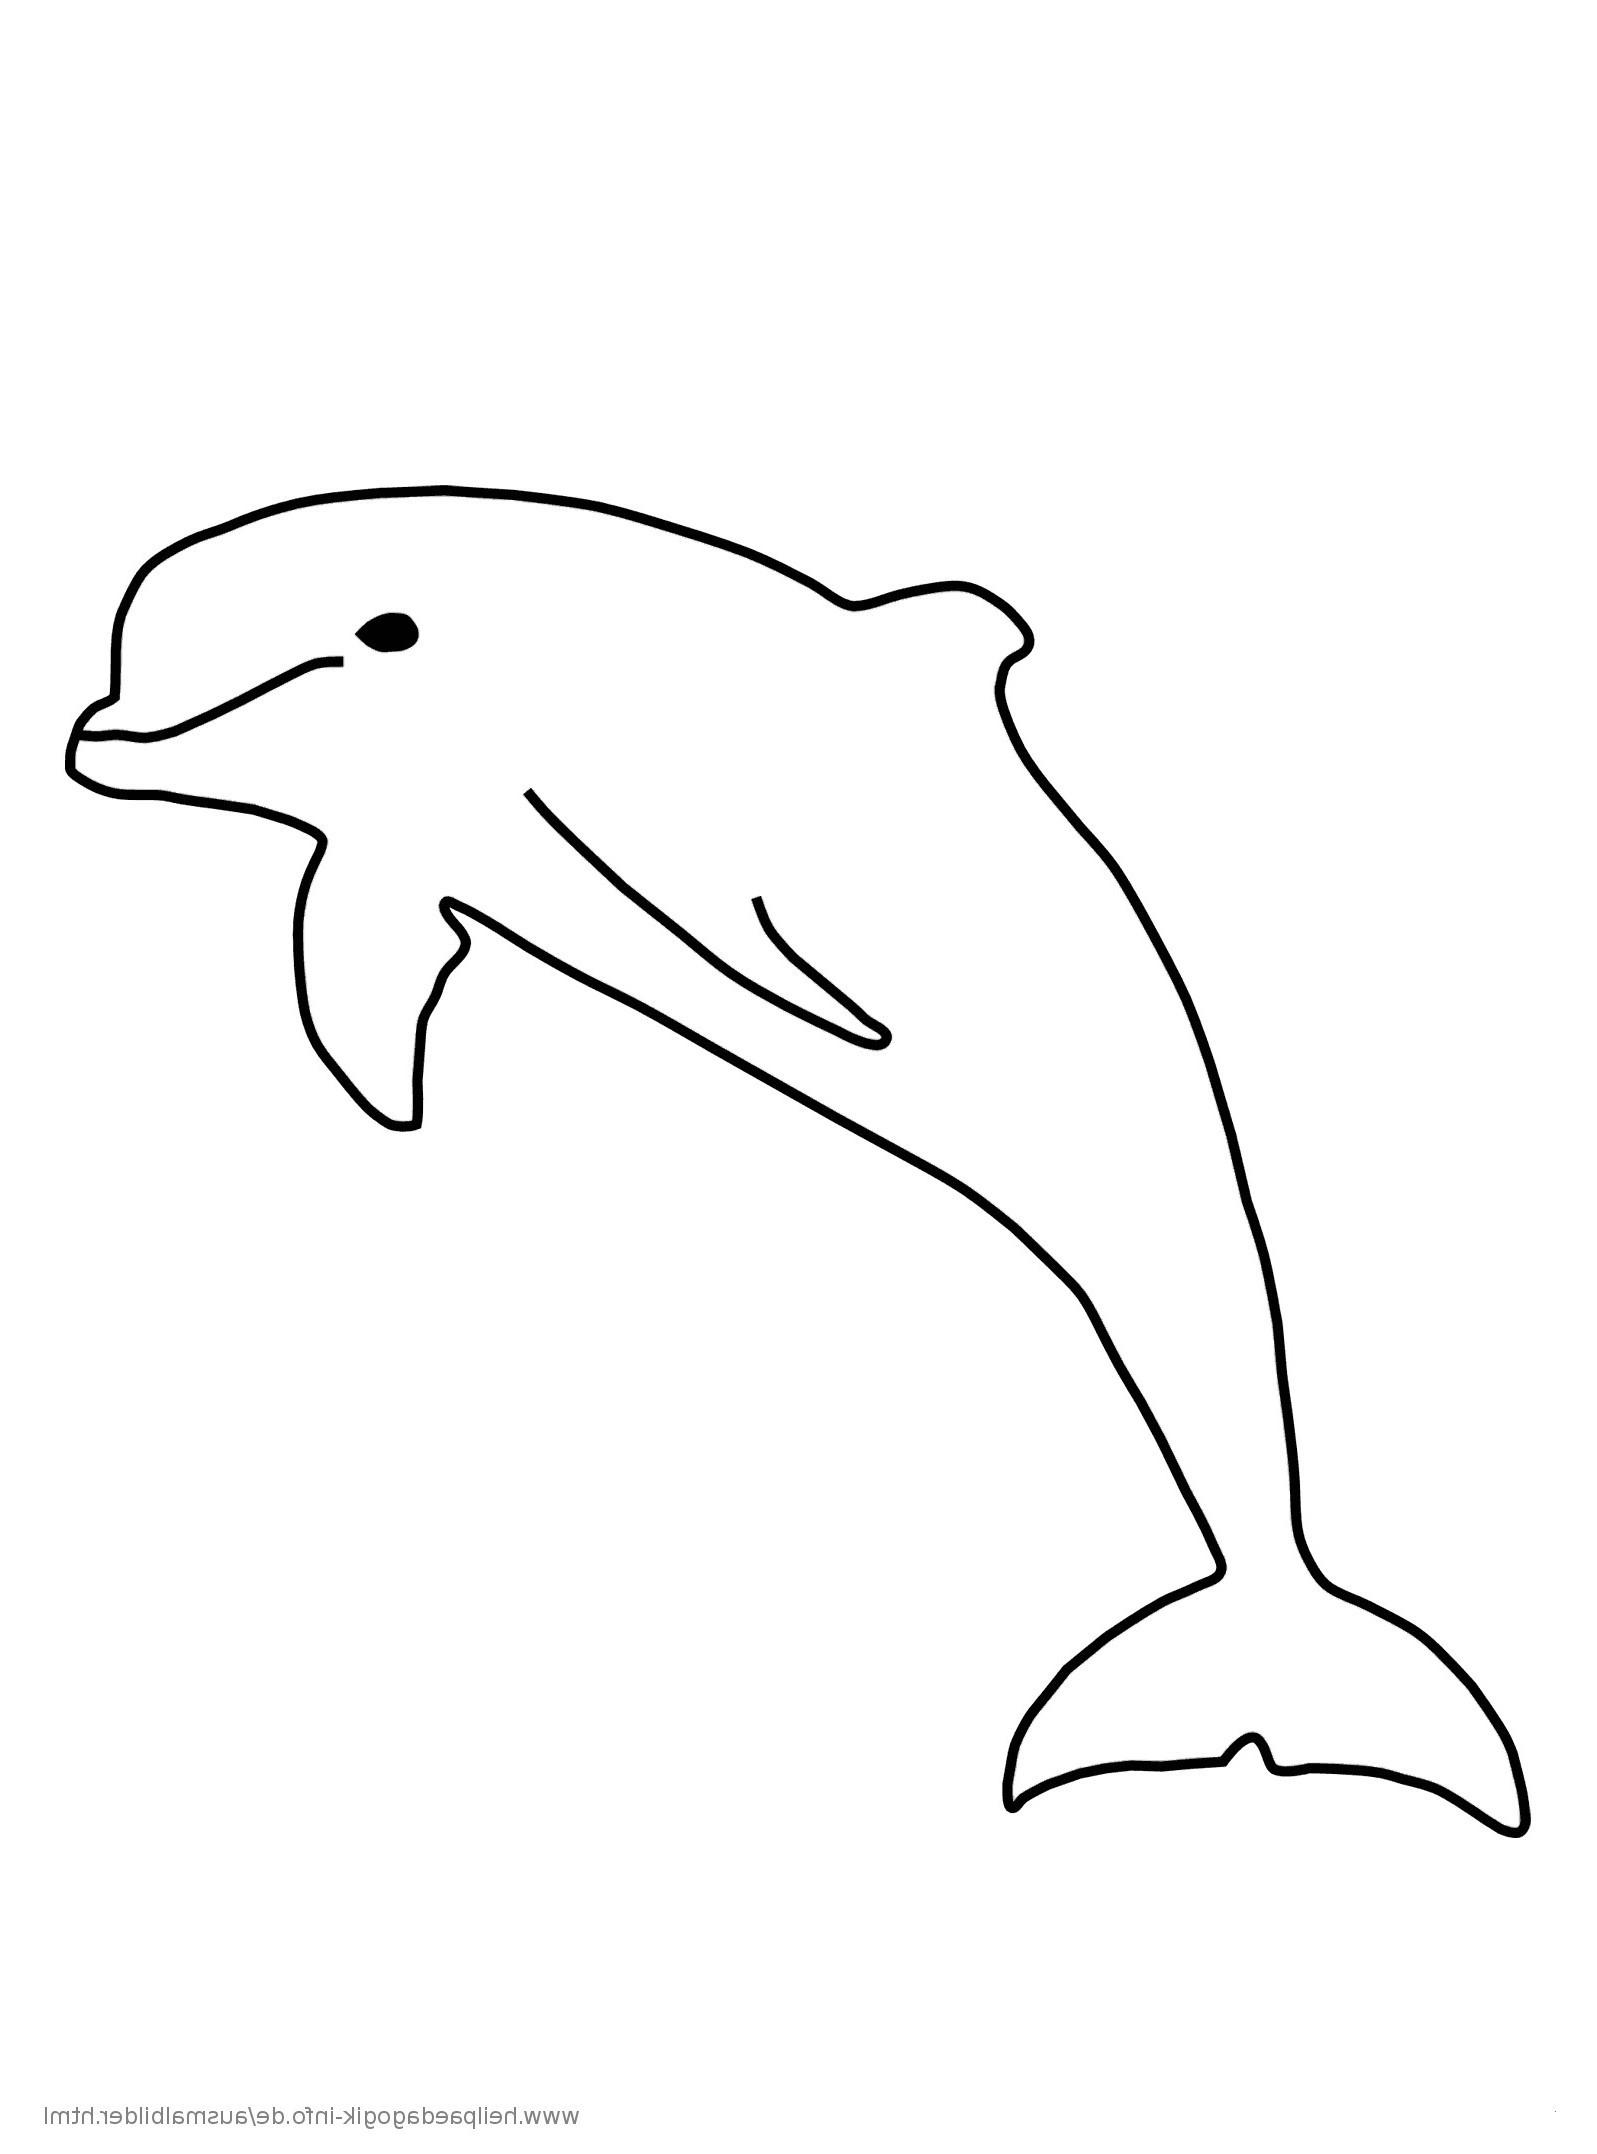 Ausmalbilder Meerjungfrau Mit Delfin Das Beste Von 34 Einzigartig Delfin Ausmalbilder – Große Coloring Page Sammlung Bilder